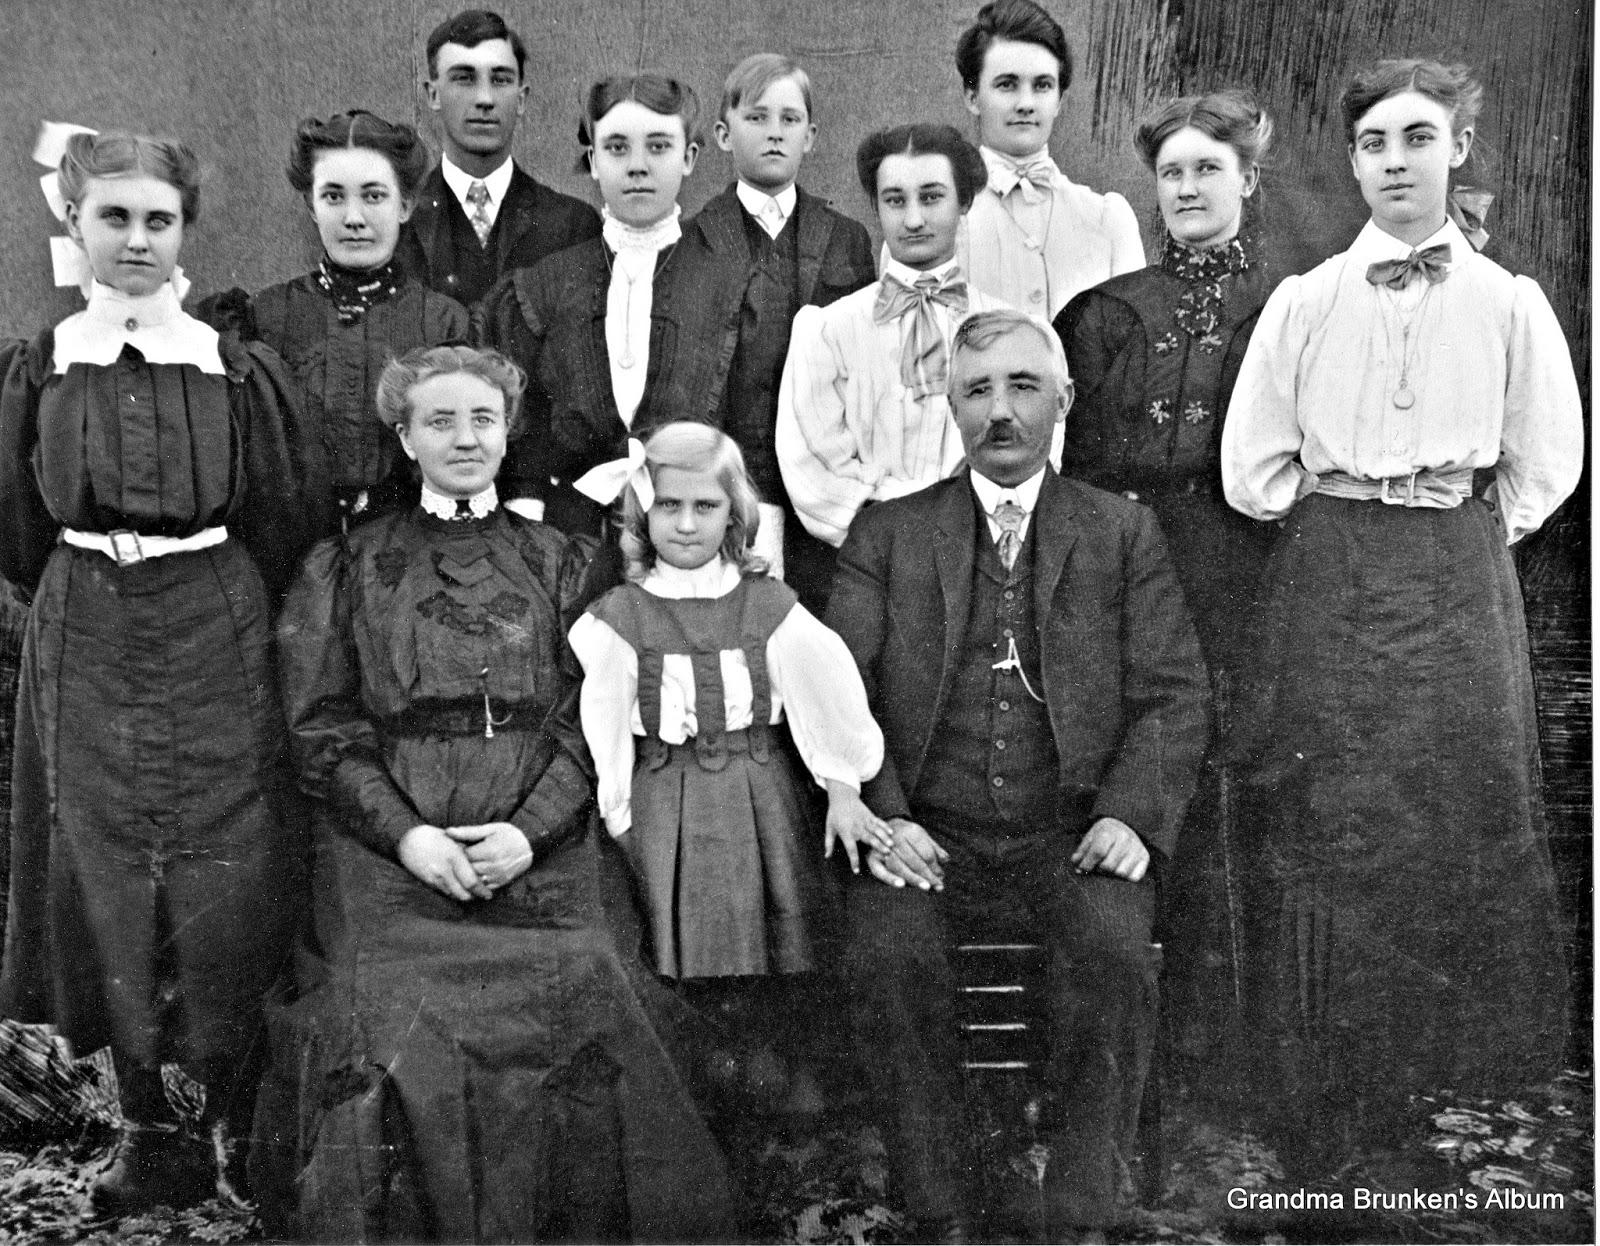 Carsten Petersen, Sr. Family - Circa 1905